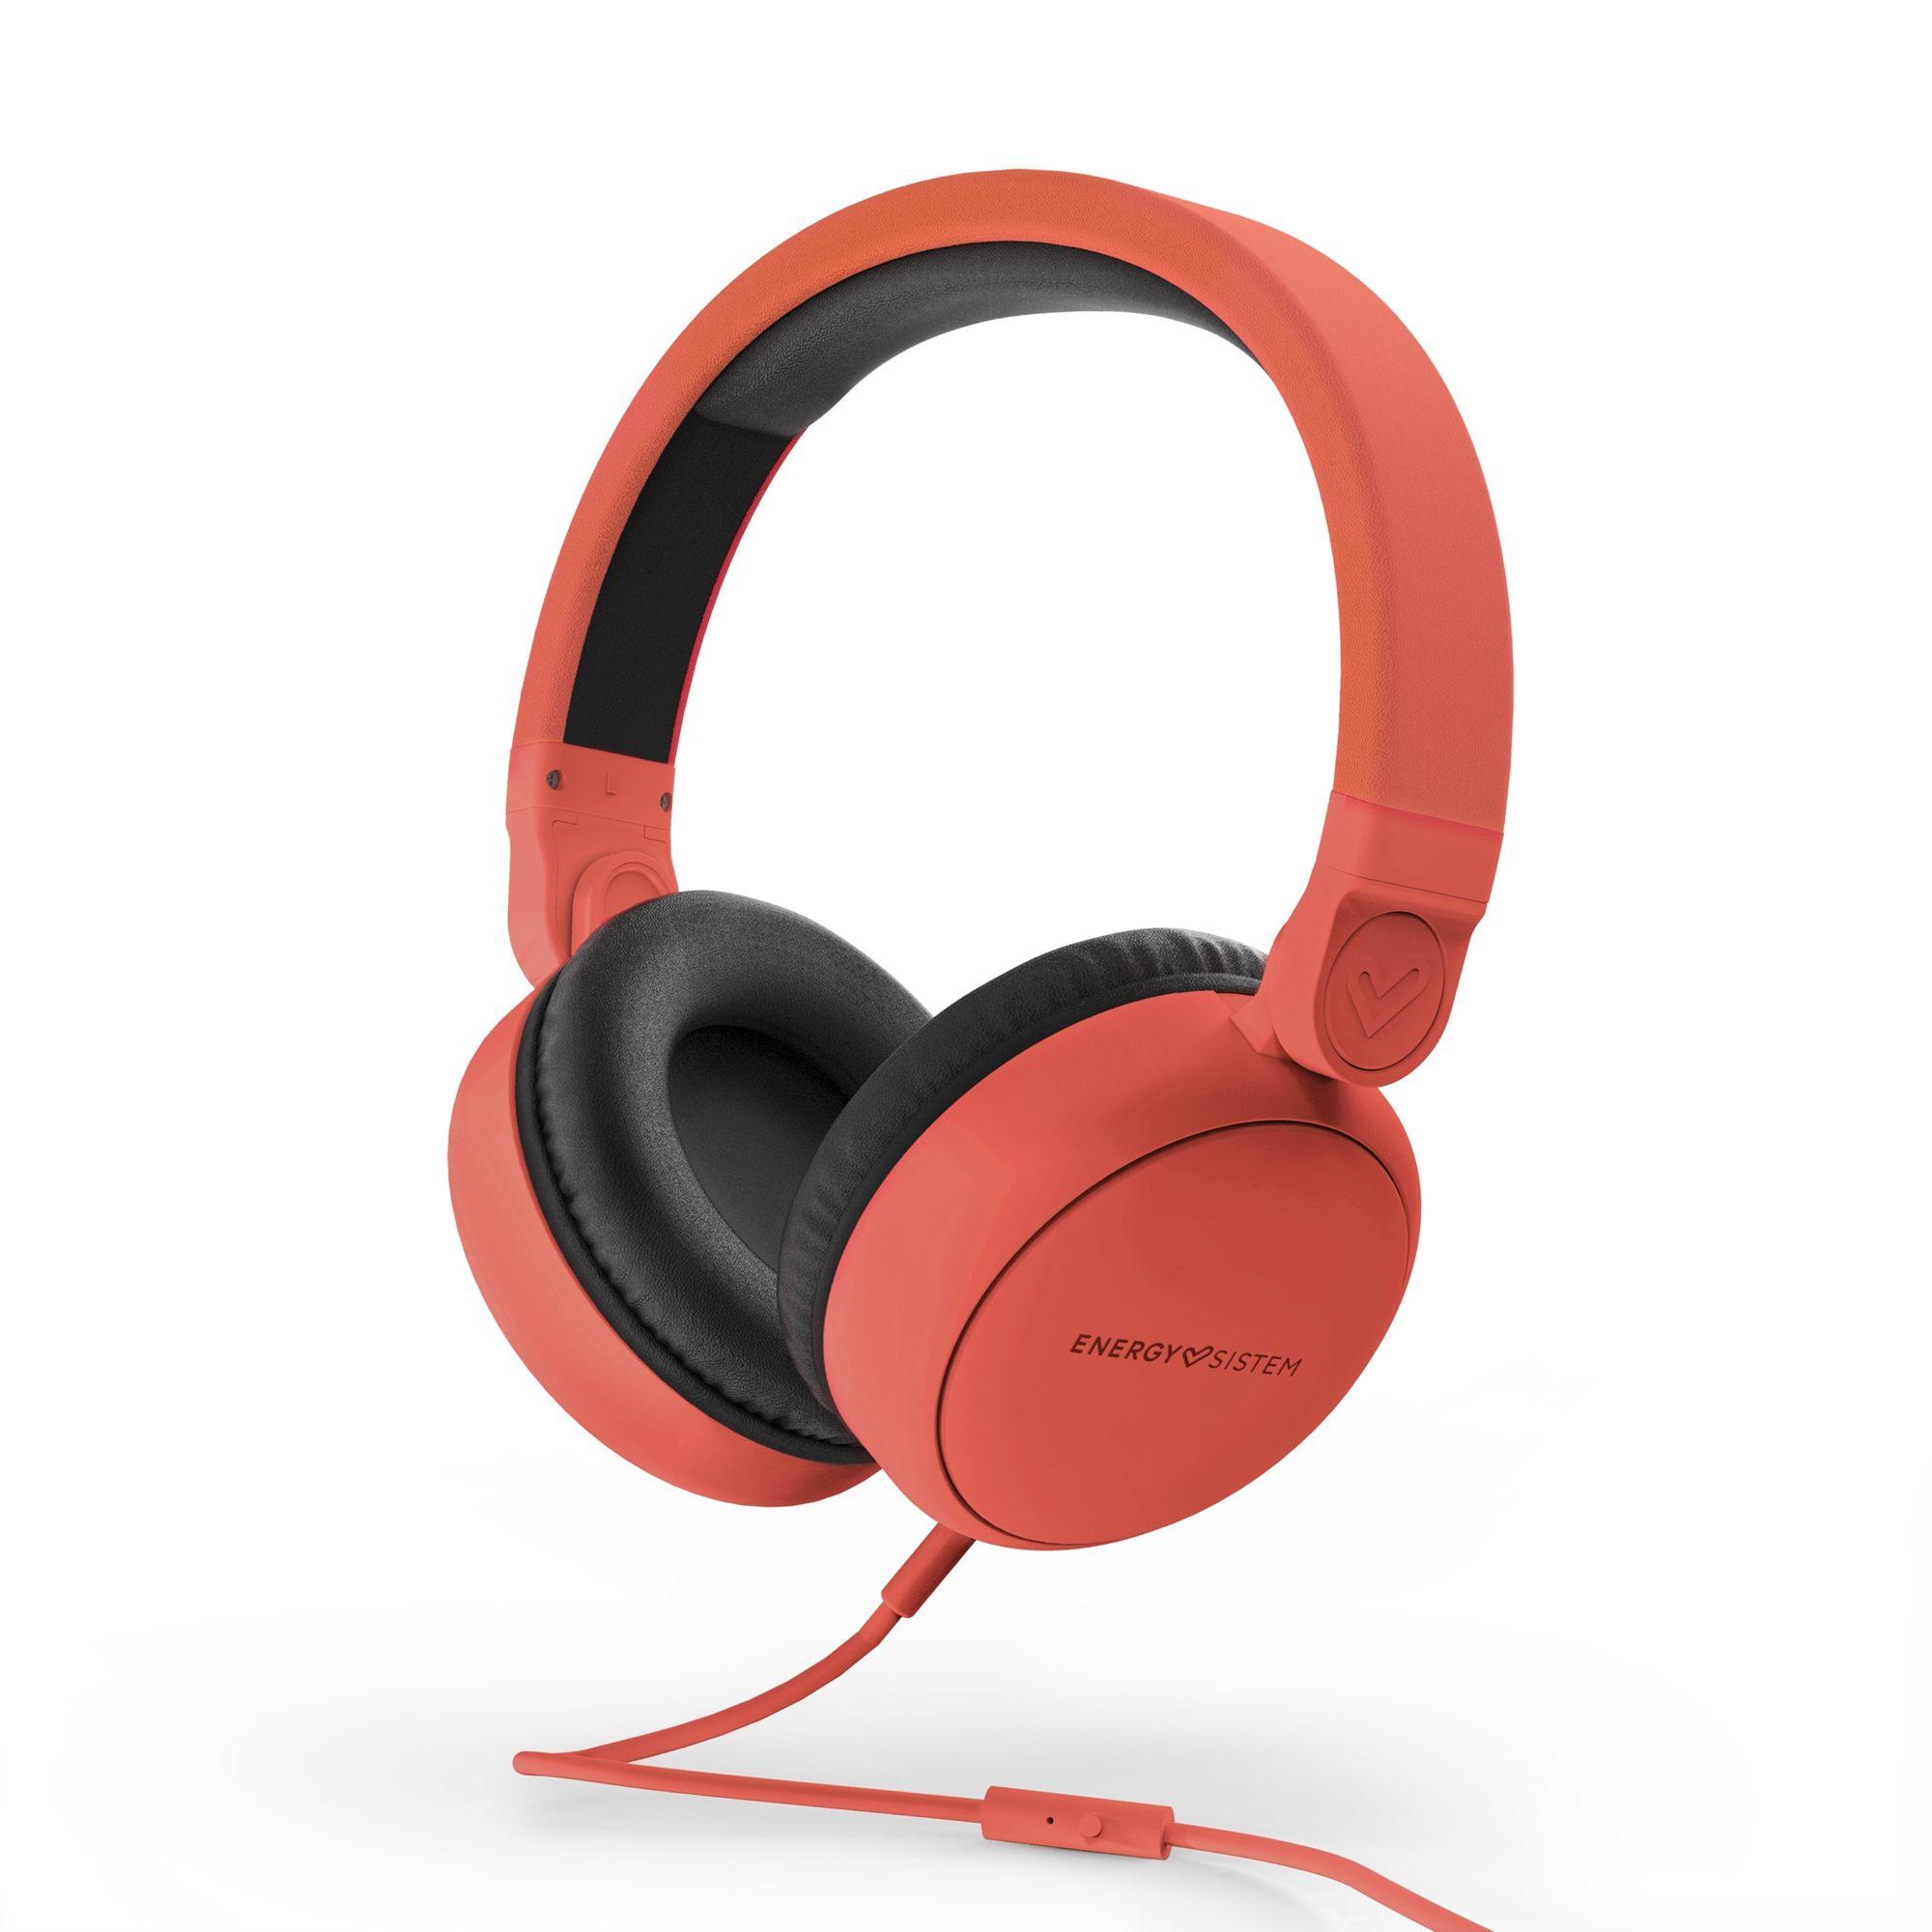 Energy Sistem Style 1 Talk Auriculares Diadema Rojo